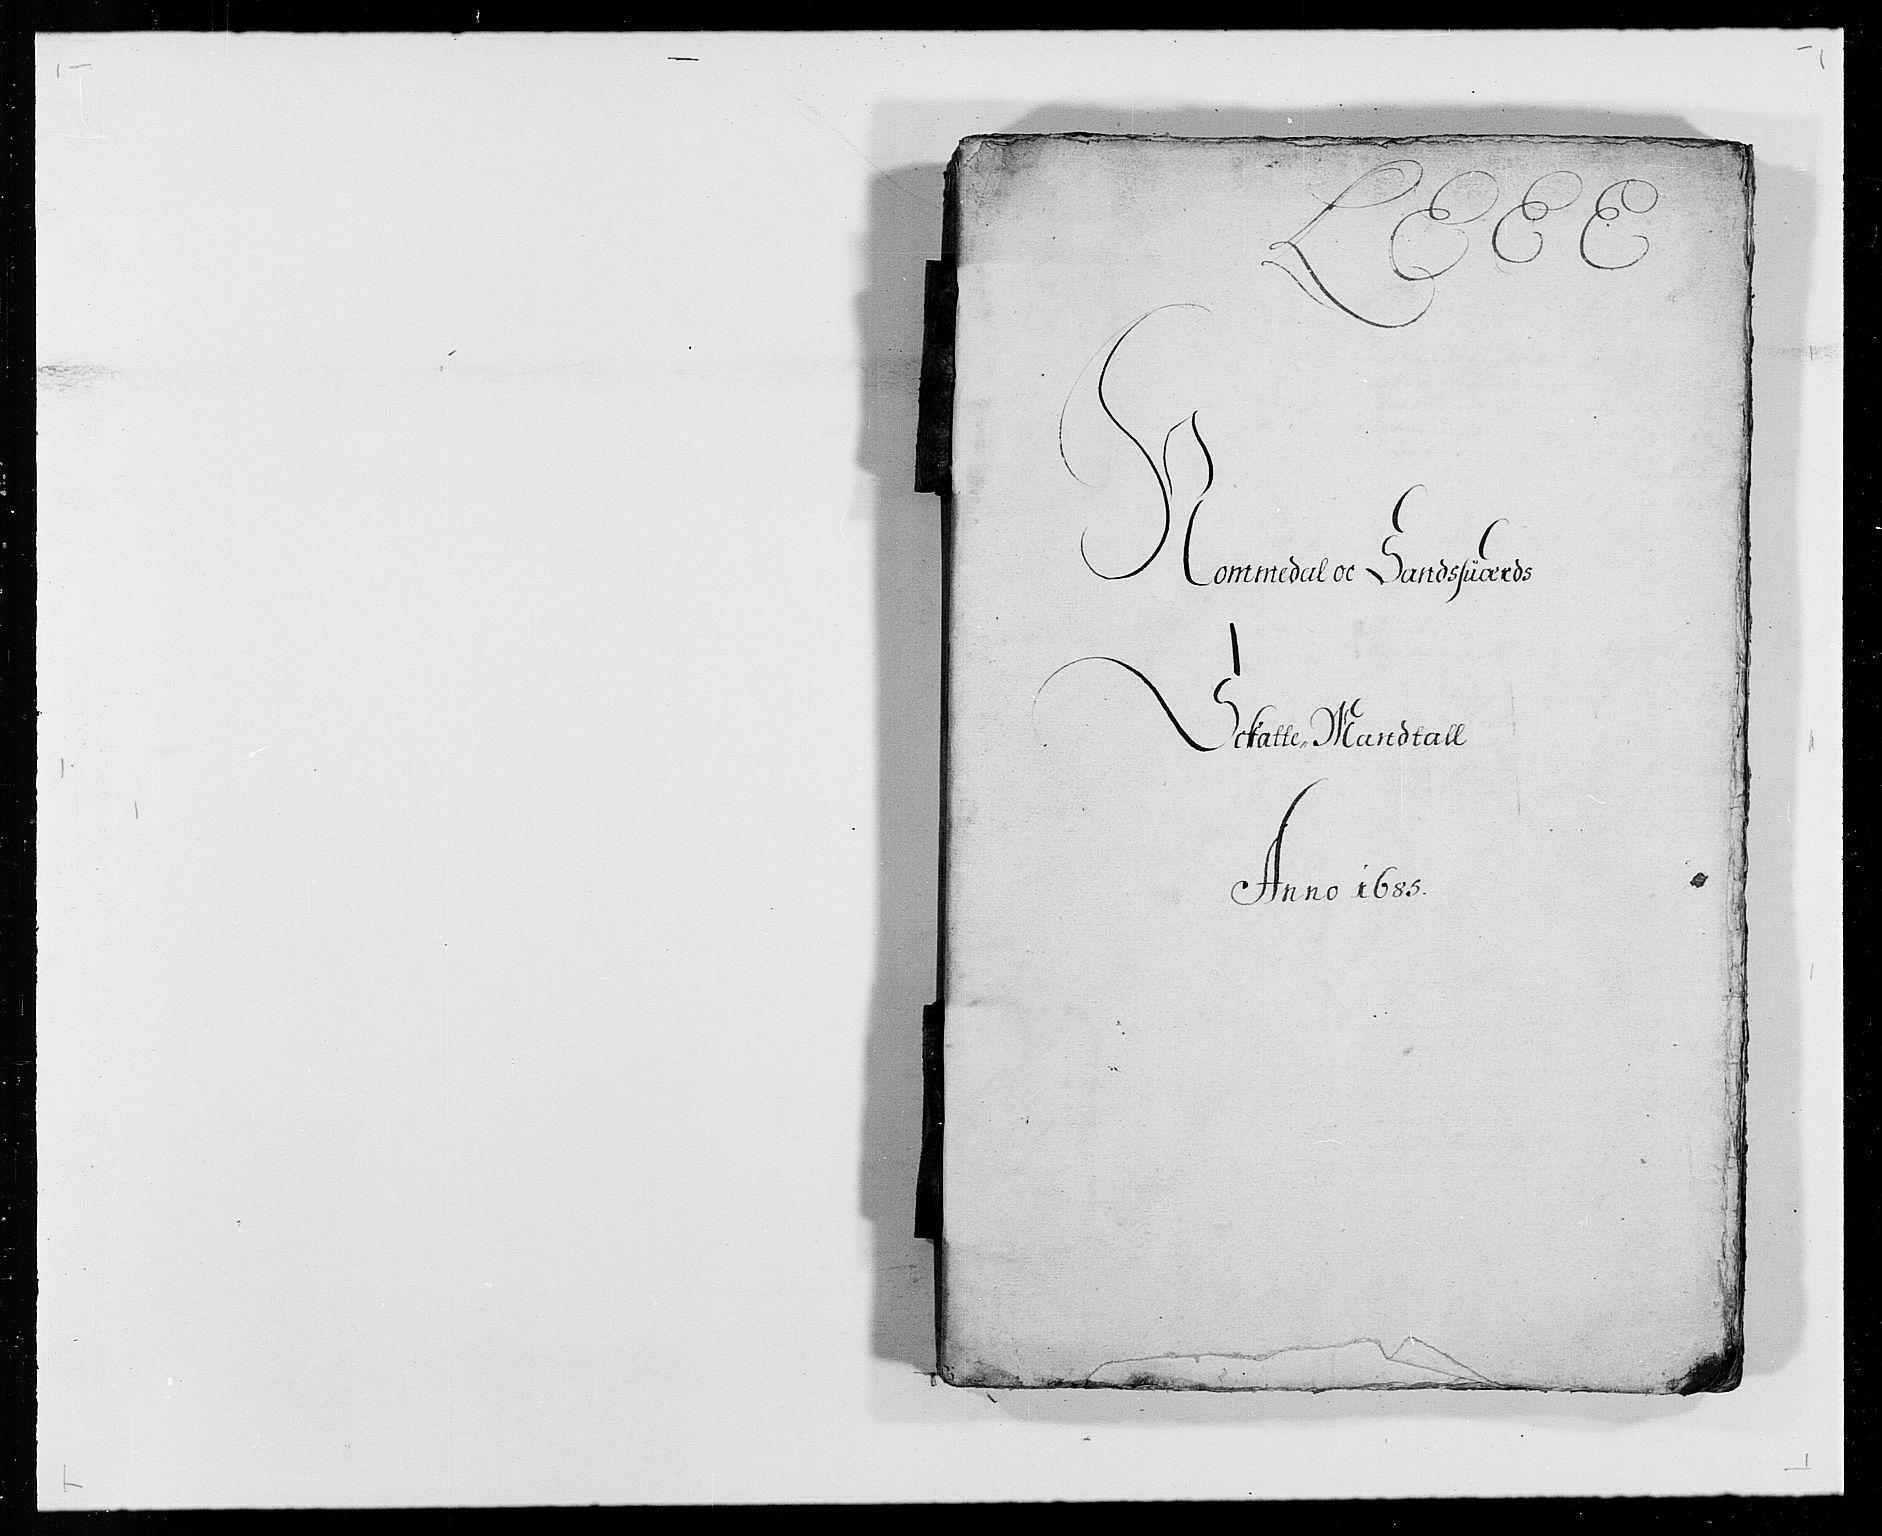 RA, Rentekammeret inntil 1814, Reviderte regnskaper, Fogderegnskap, R24/L1571: Fogderegnskap Numedal og Sandsvær, 1679-1686, s. 264